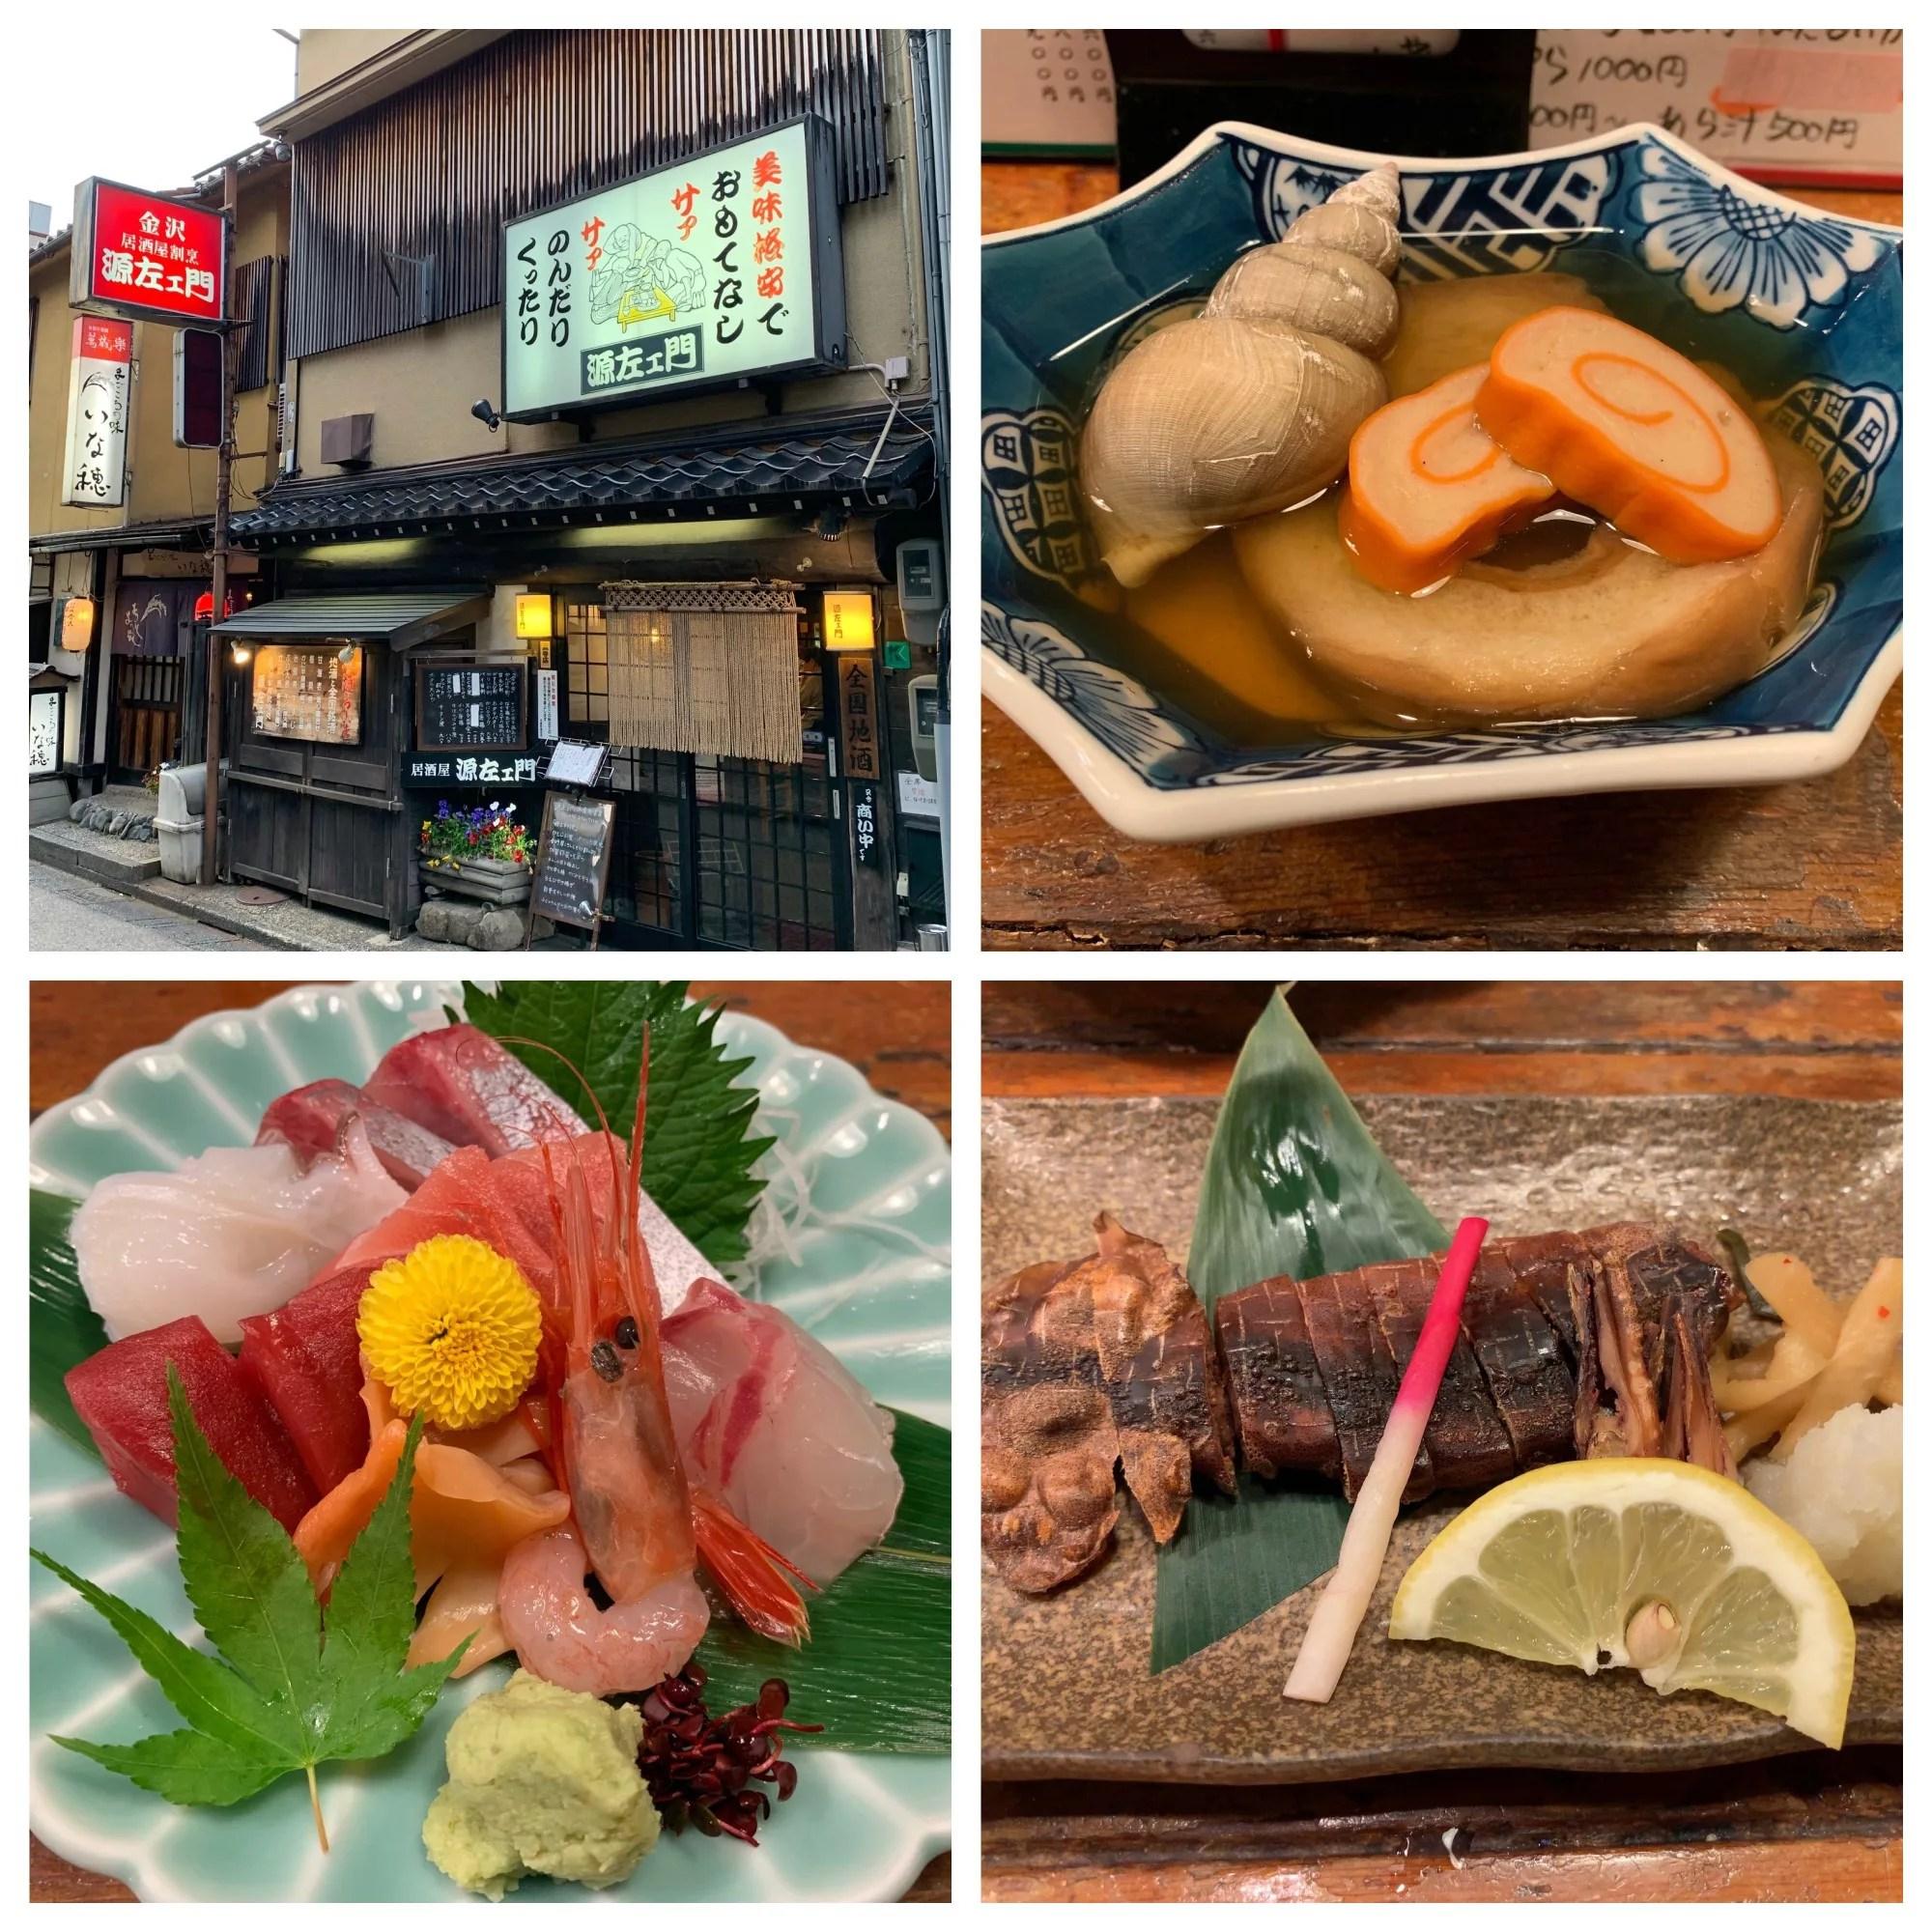 【金沢グルメ】源左ェ門(郷土料理や地物、珍味を楽しめる日本酒が豊富な居酒屋)